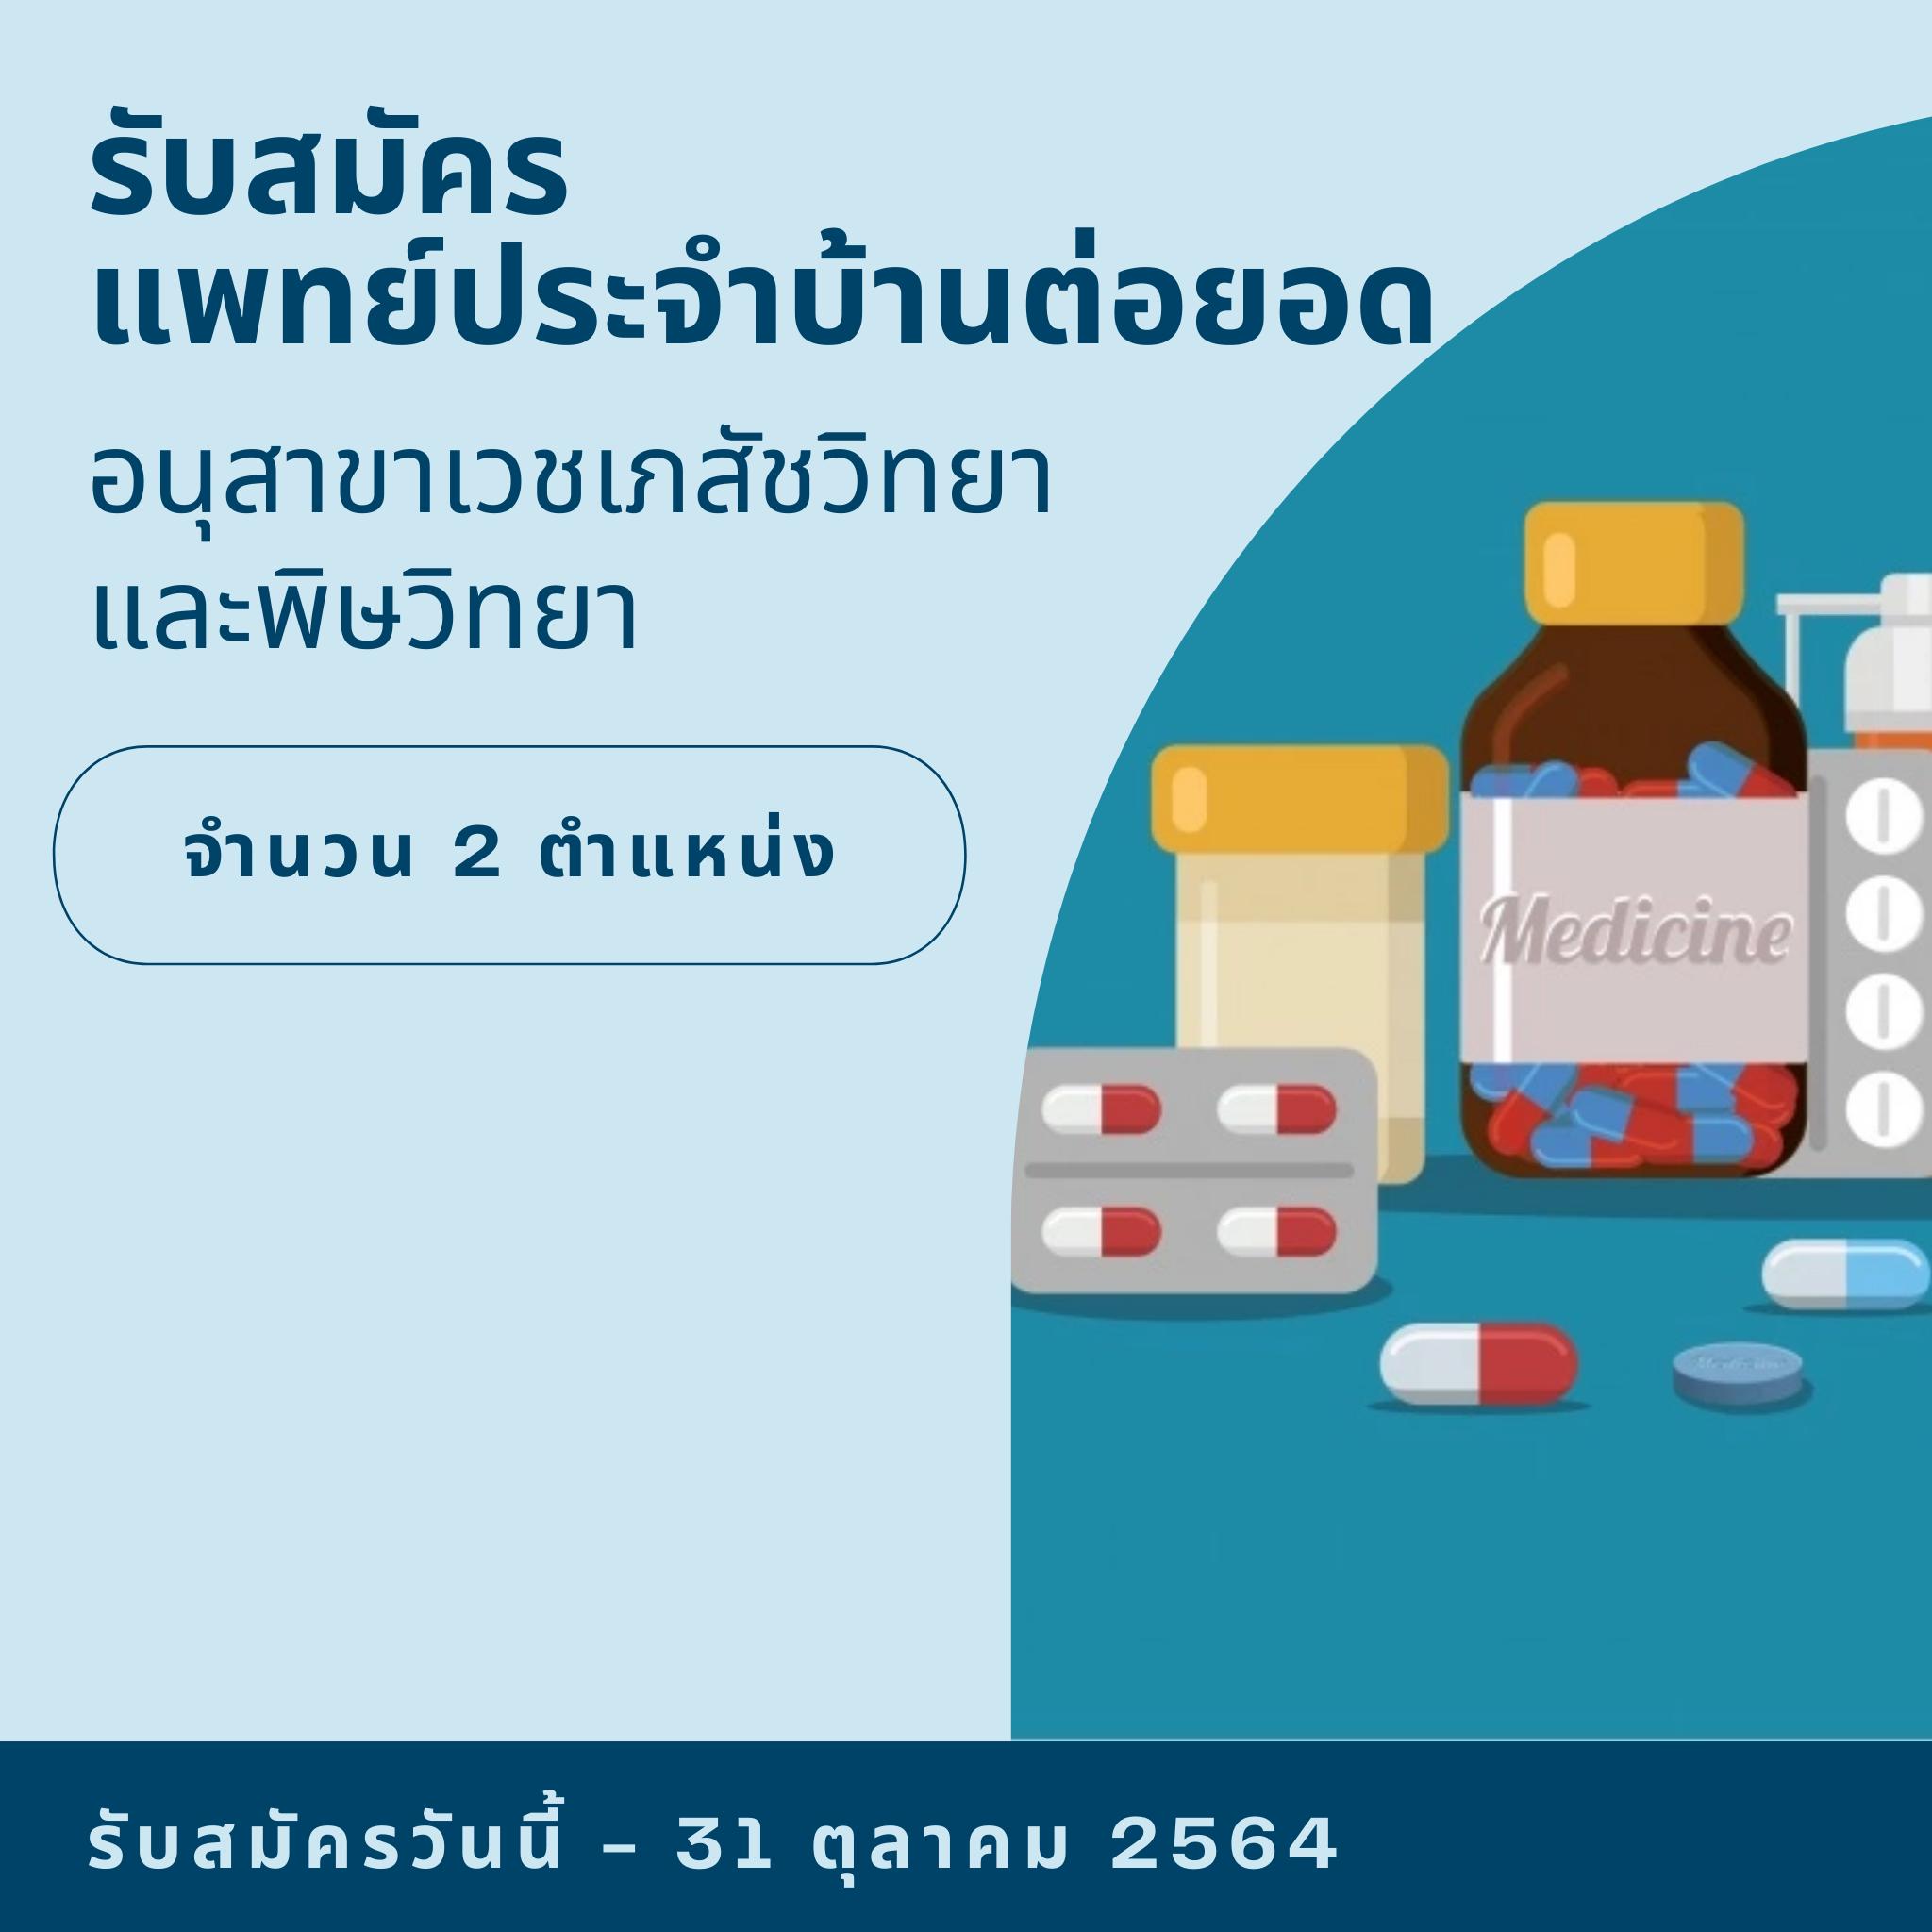 รับสมัครแพทย์ประจำบ้านต่อยอด อนุสาขาเวชเภสัชวิทยาและพิษวิทยา จำนวน 2 ตำแหน่ง